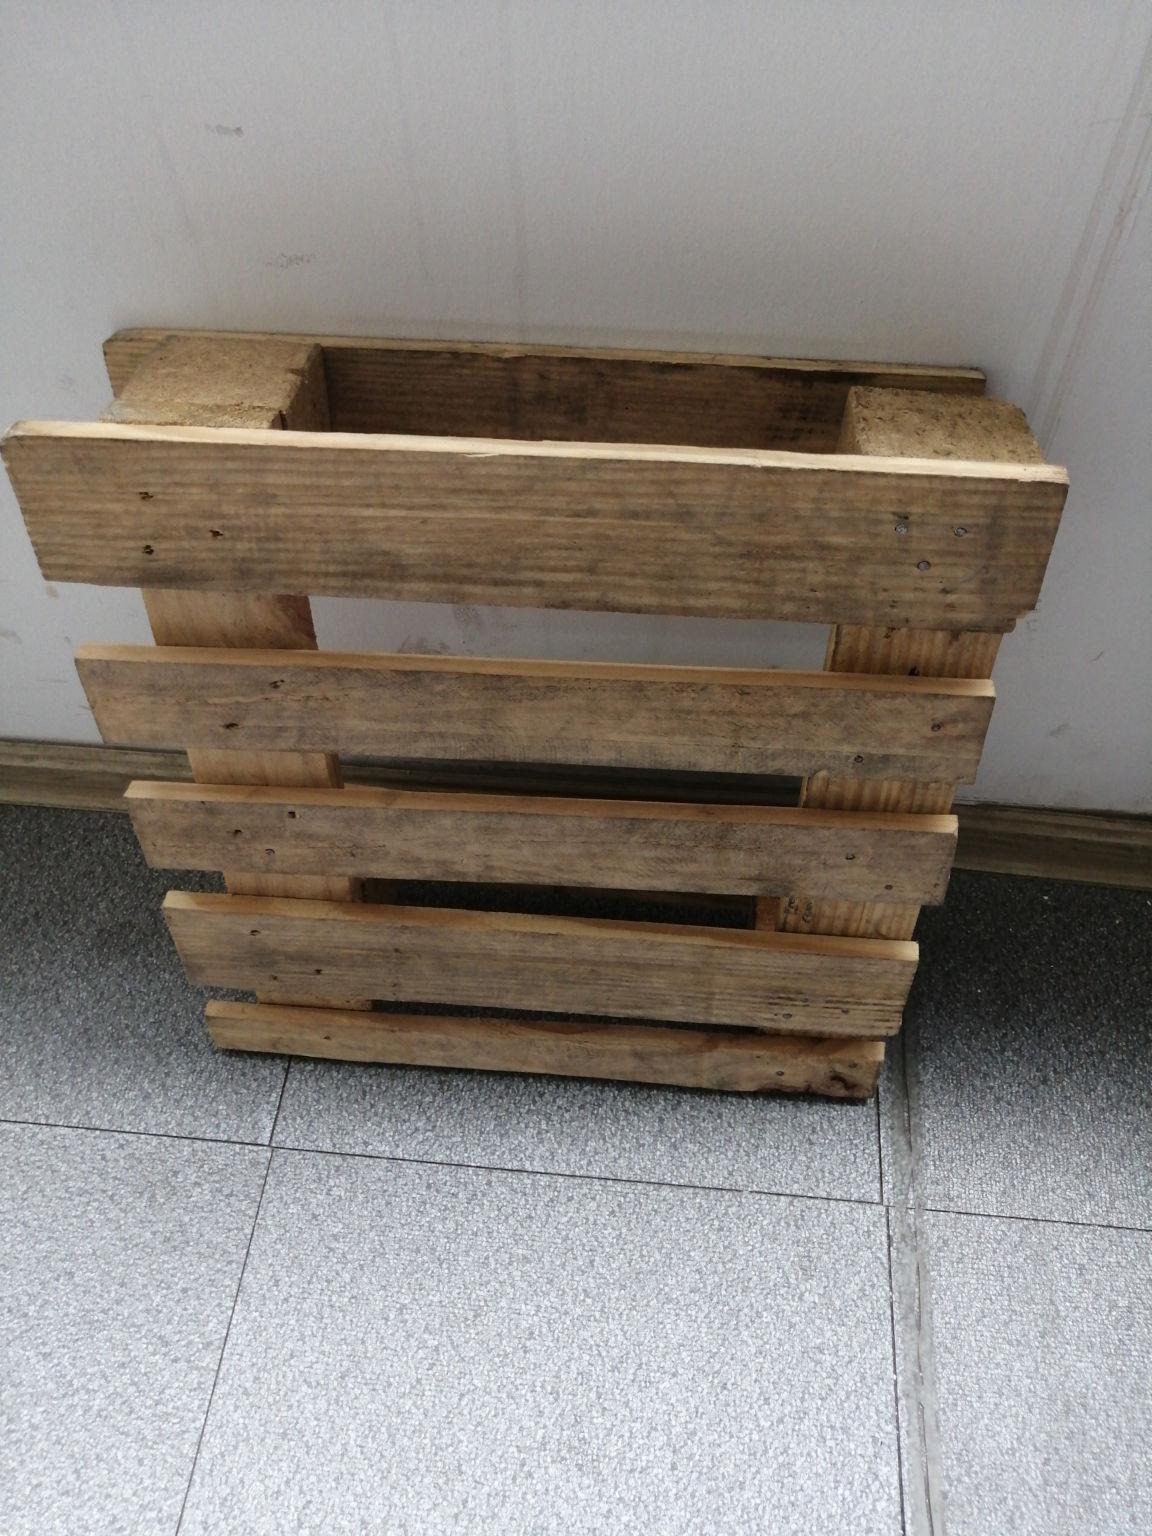 内蒙古实木托盘厂家批发�,║×‱∶=�势大大的:就是环保